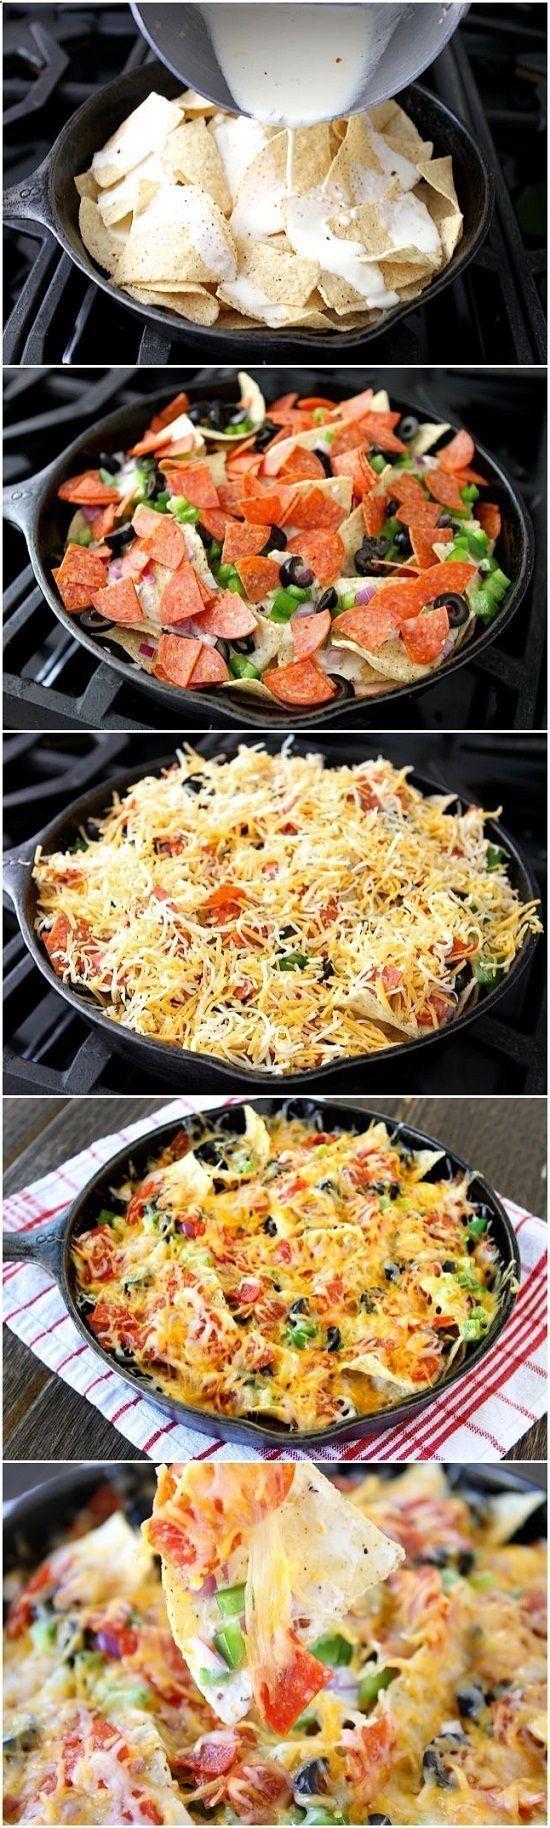 Campfire nachos. | campinglivezcampinglivez Easyholiday food !!